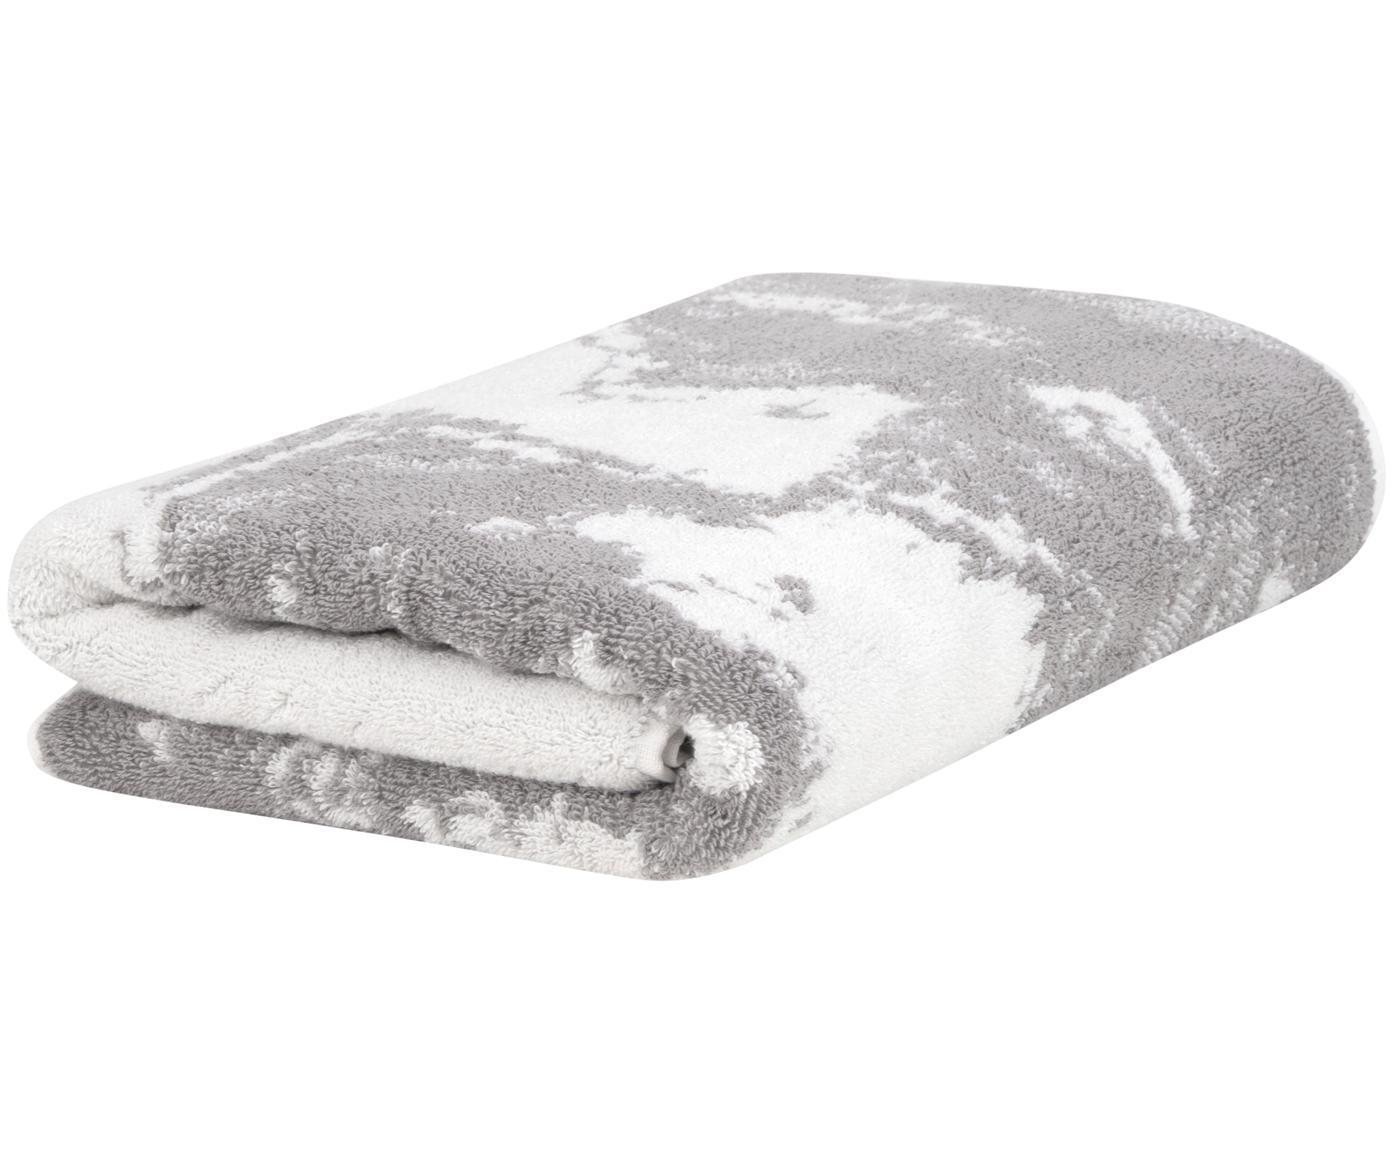 Handtuch Malin mit Marmor-Print, Grau, Cremeweiß, Gästehandtuch